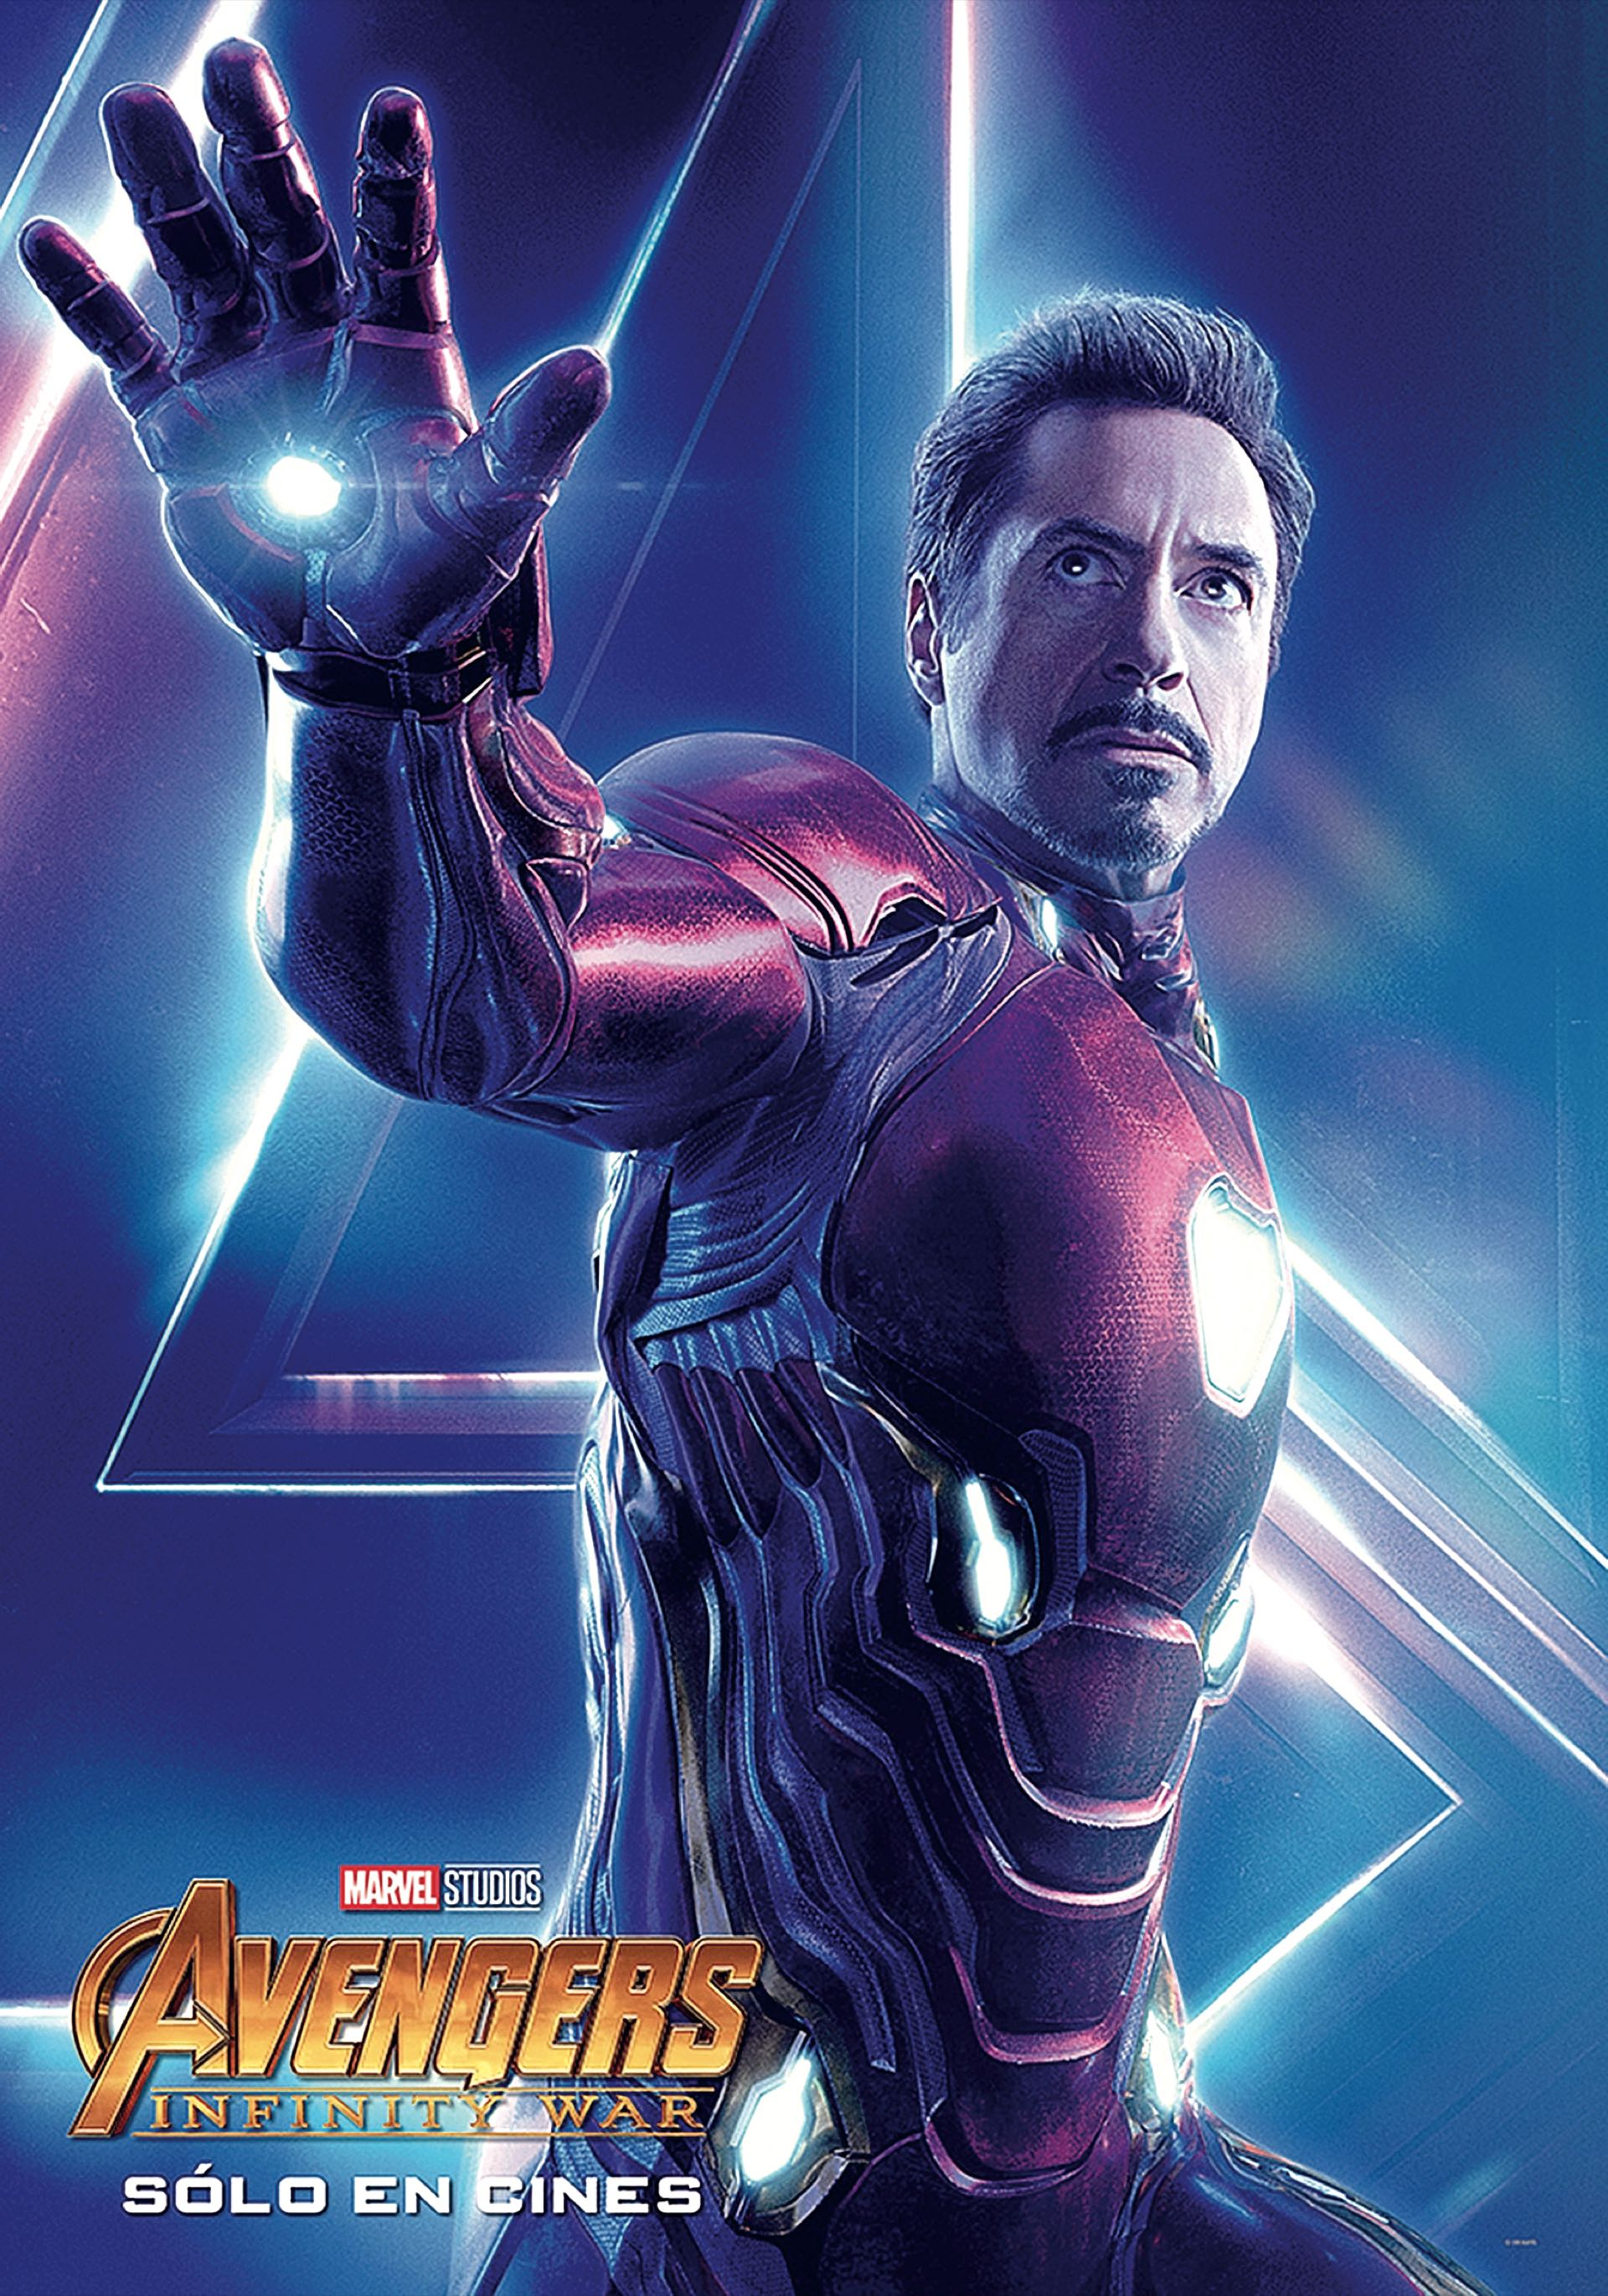 IRON MAN. Desde hace una década, Robert Downey Junior (53, Nueva York) viene interpretando a Tony Stark y al poderoso Hombre de Hierro. Imprescindible.